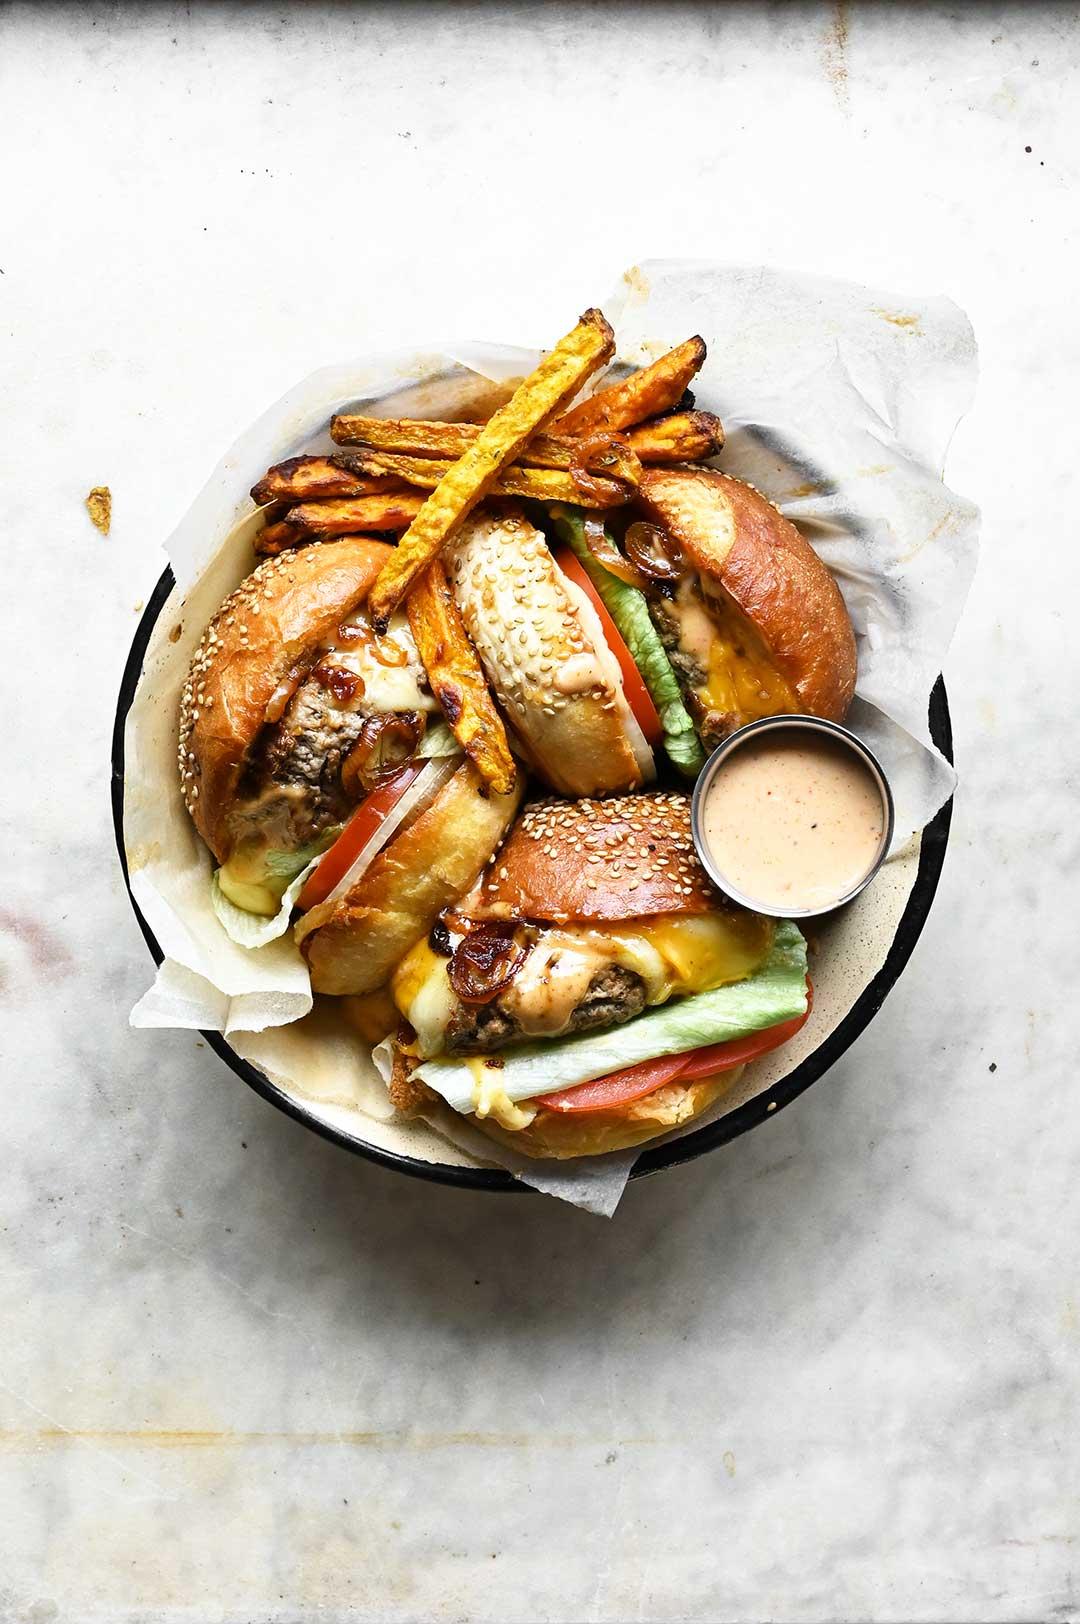 serving dumplings | Soczysty cheeseburger z sosem z jalapeño i frytkami z batatów